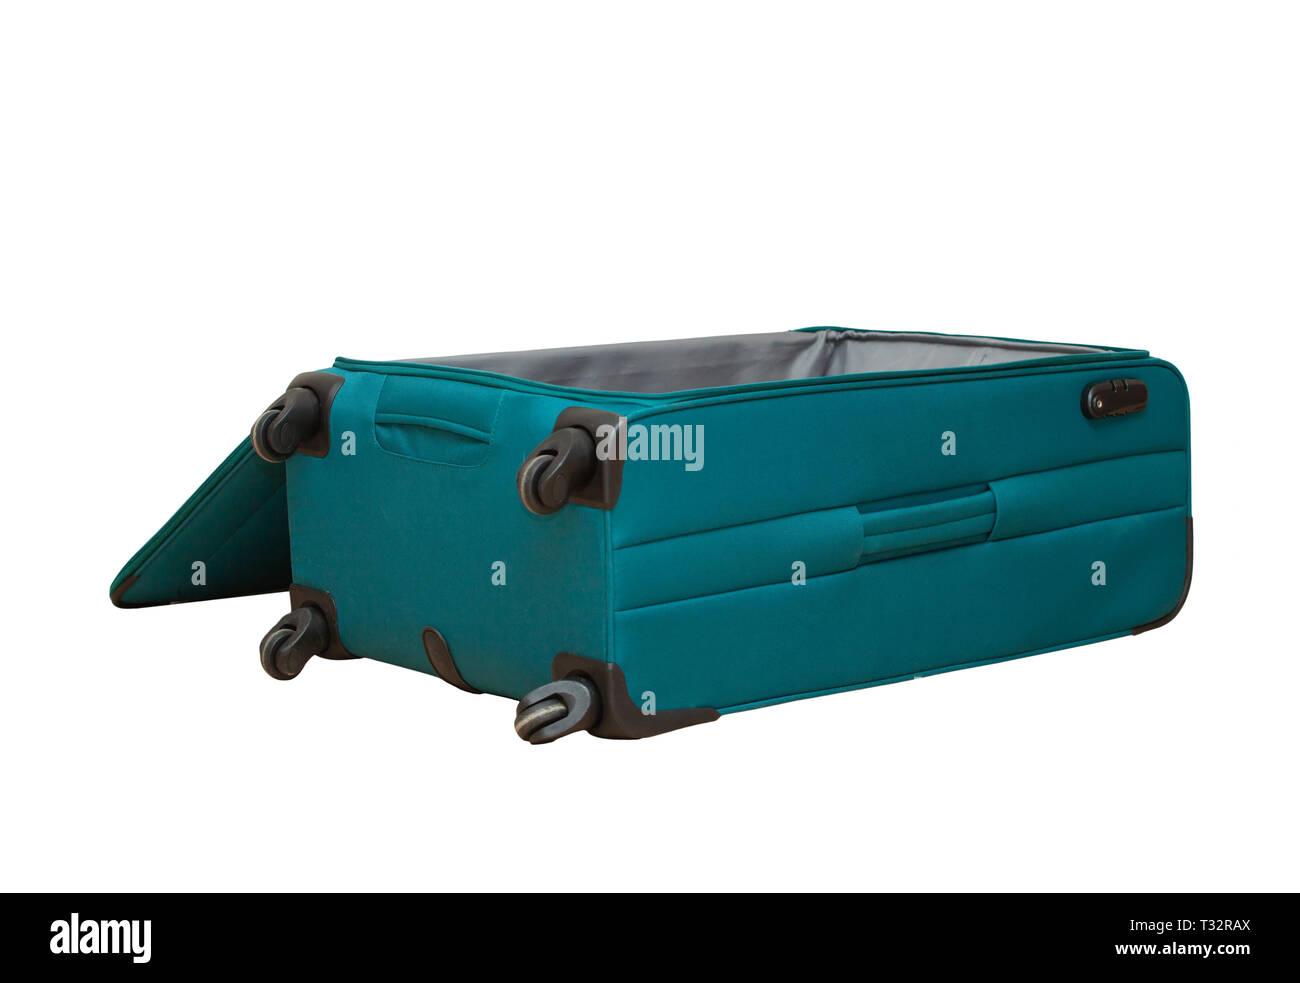 6e7666908a Aperto vuoto grande valigia del viaggiatore isolato su sfondo bianco  Immagini Stock